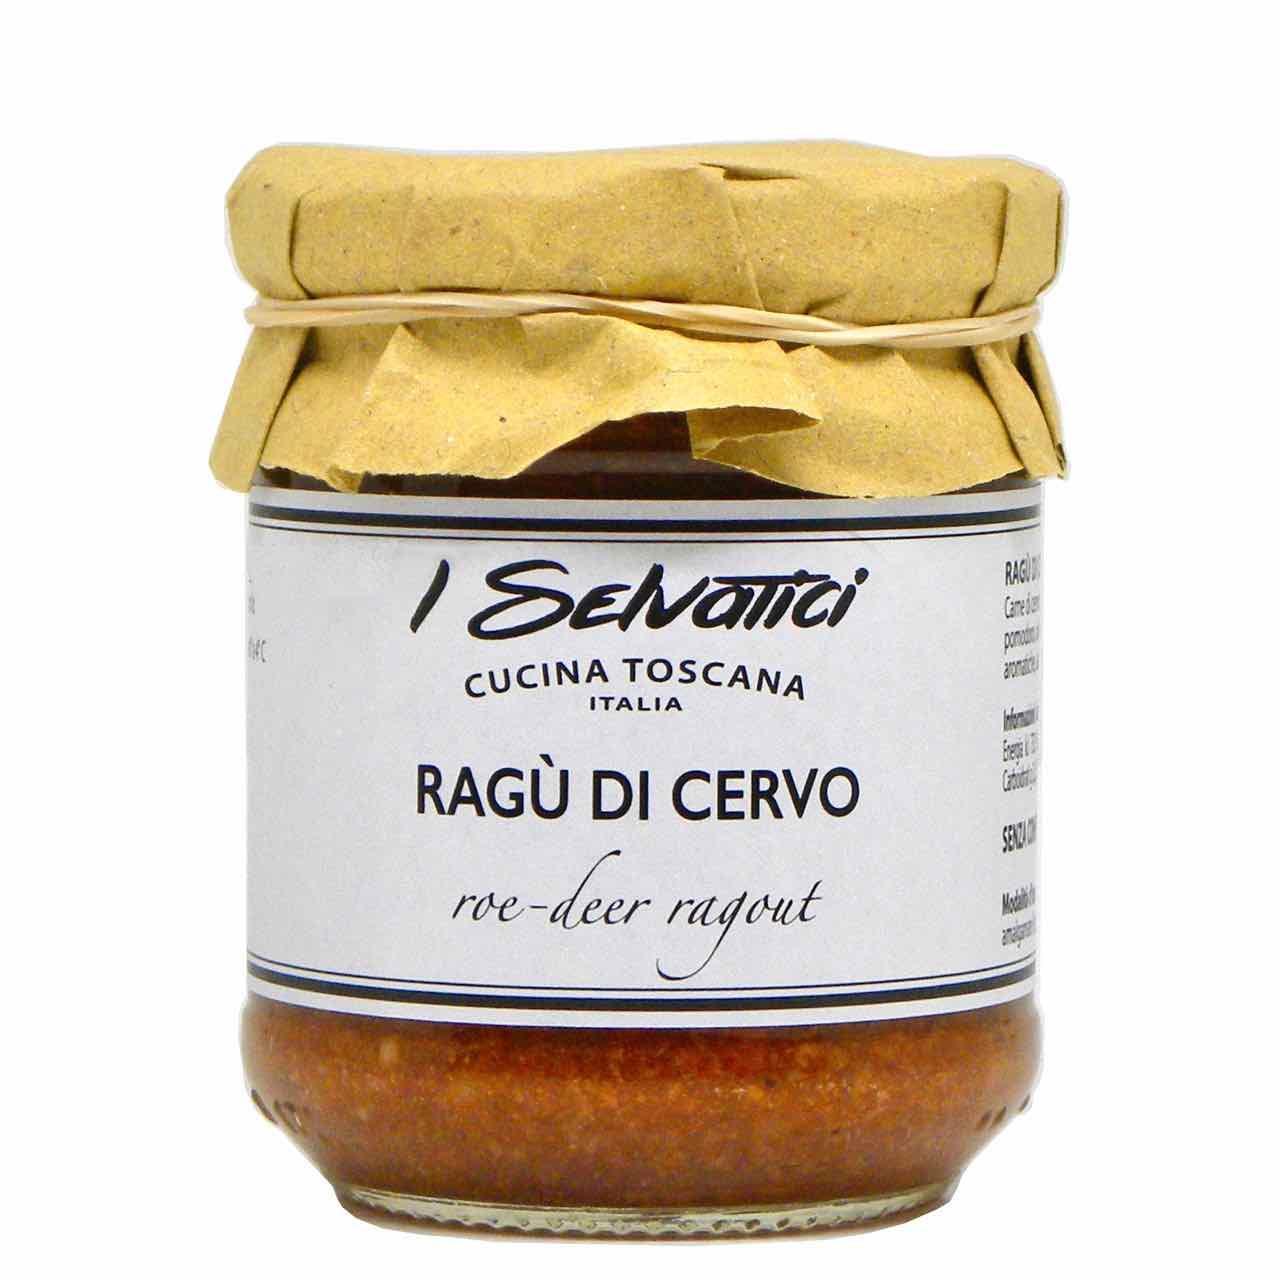 ragù di cervo – I Selvatici – Gustorotondo online shop – i migliori cibi online – vendita online dei migliori cibi italiani artigianali